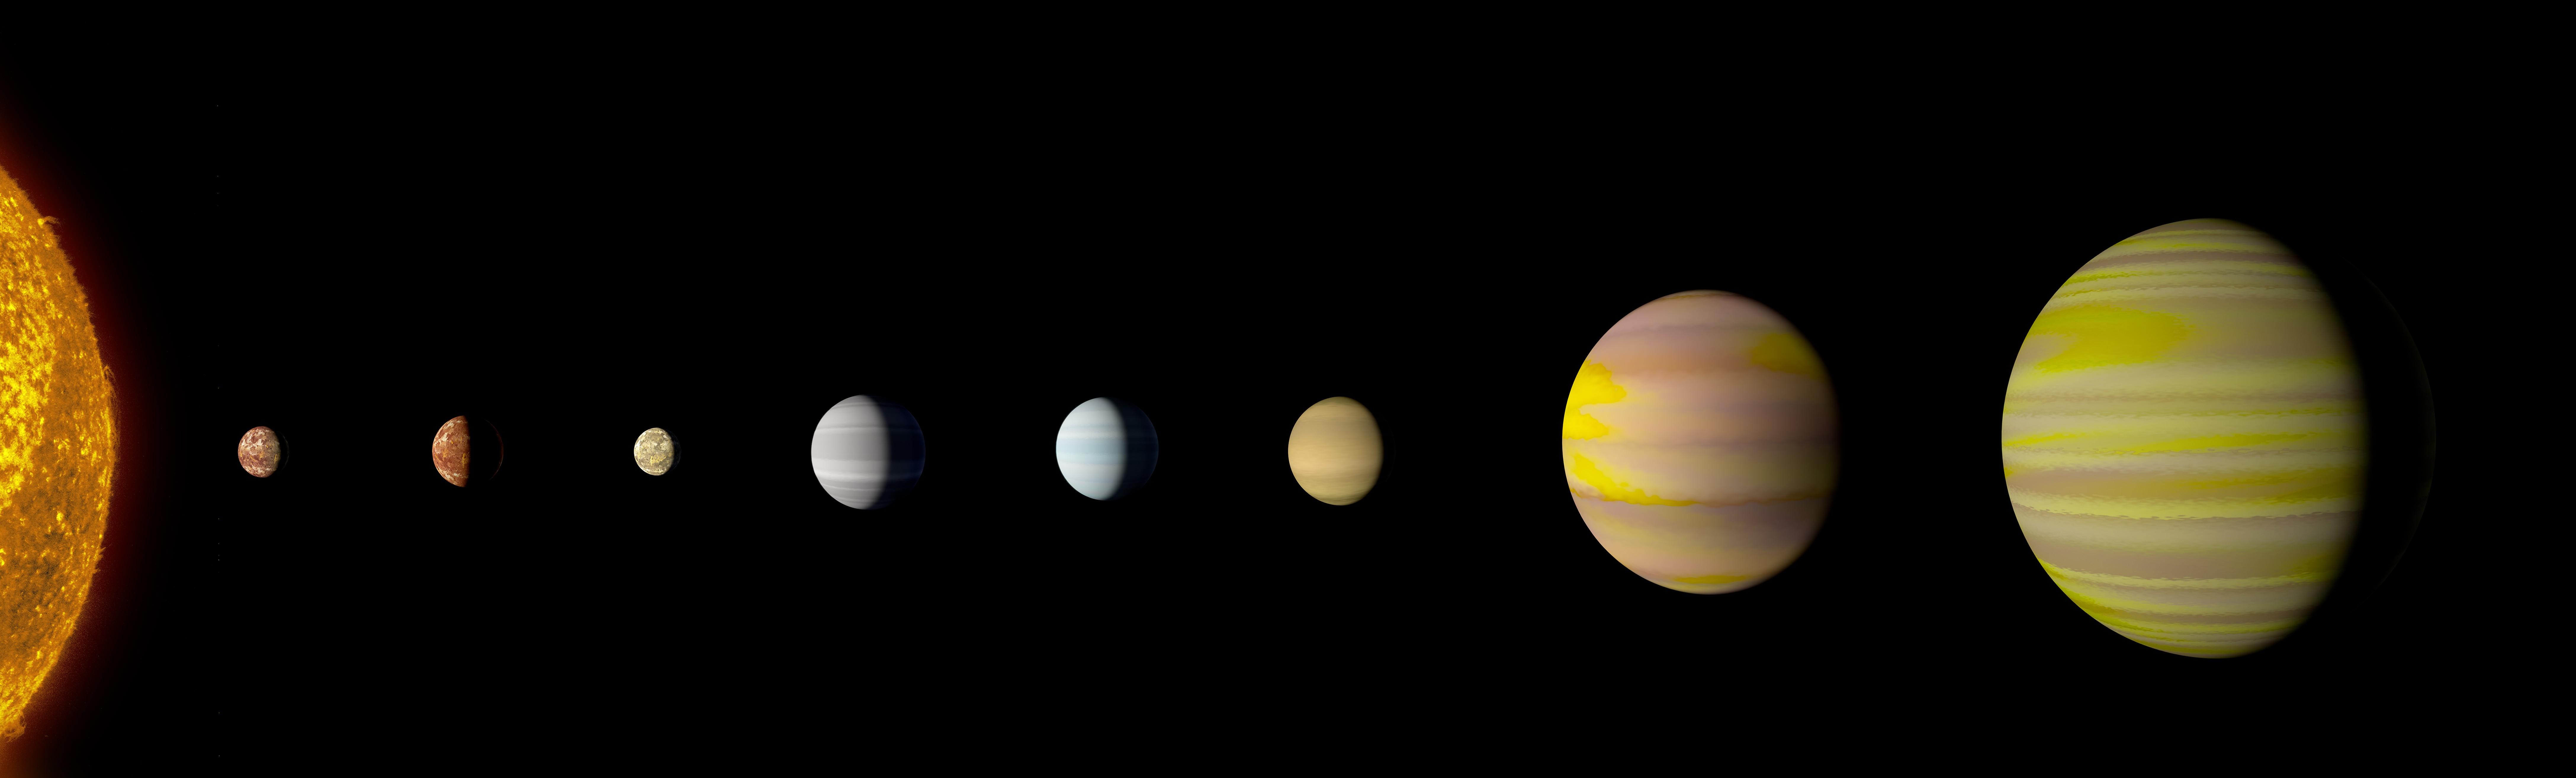 Conjunto de descoberta de exoplanetas (Foto: Nasa)